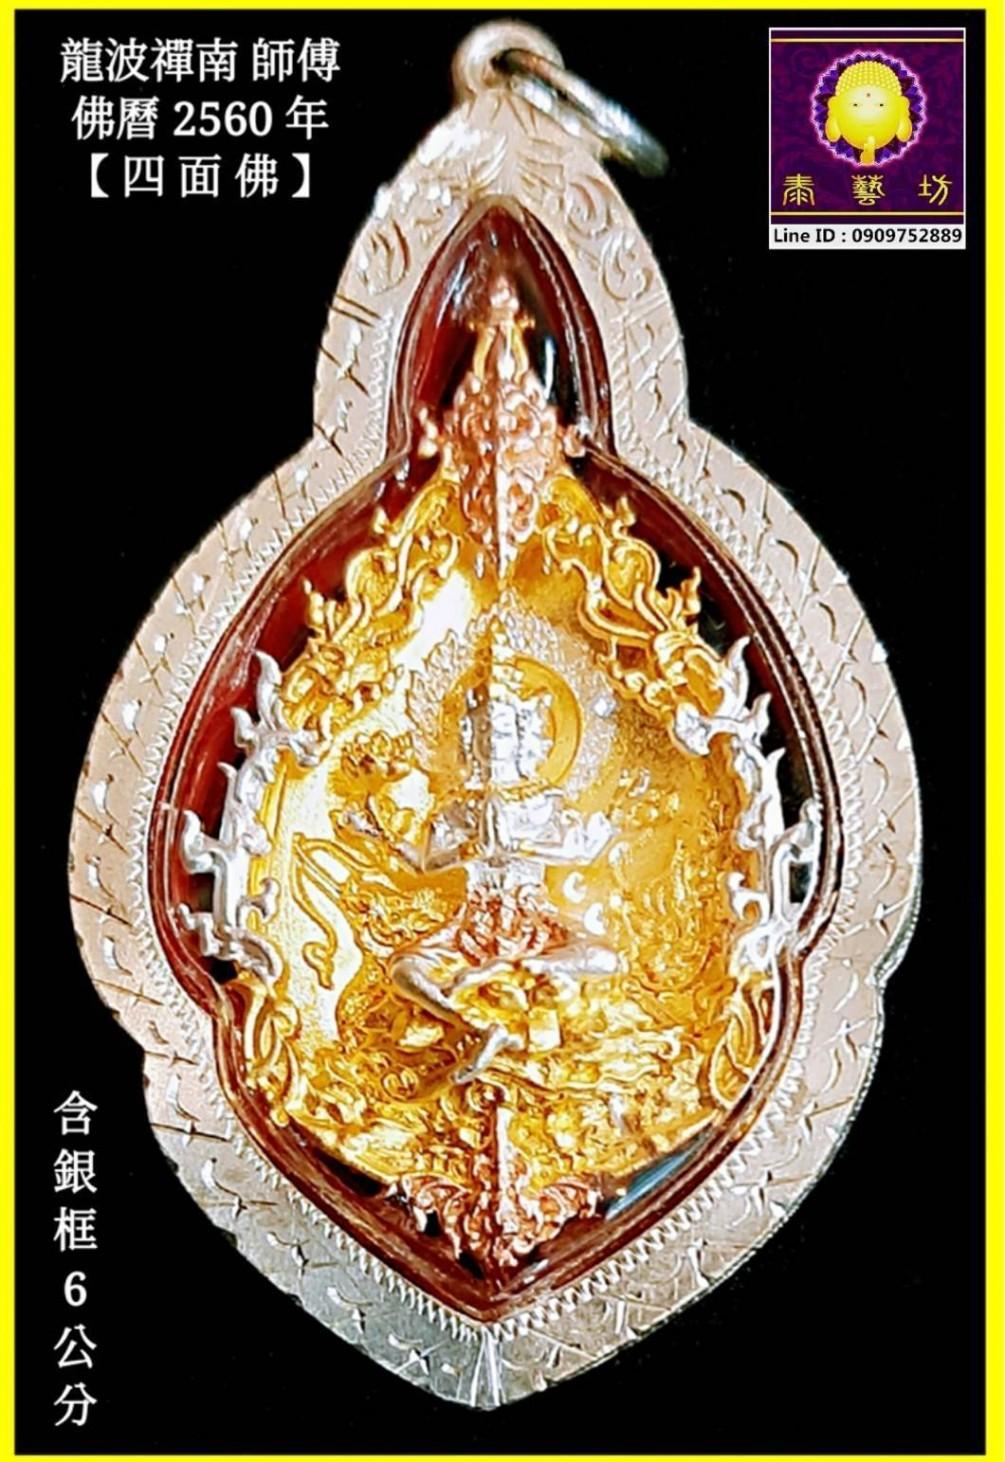 泰國督造{ #四面佛 }最著名的【 #龍波禪南 師傅 】佛曆 2560 年 ~ 加持大法會,特別開光 / 加持的 { 四面佛 } 搭配銀框的外殼 ~ 再加上絕美的頂級工藝,看到實品後 ~ 就如同是一件藝術品呀